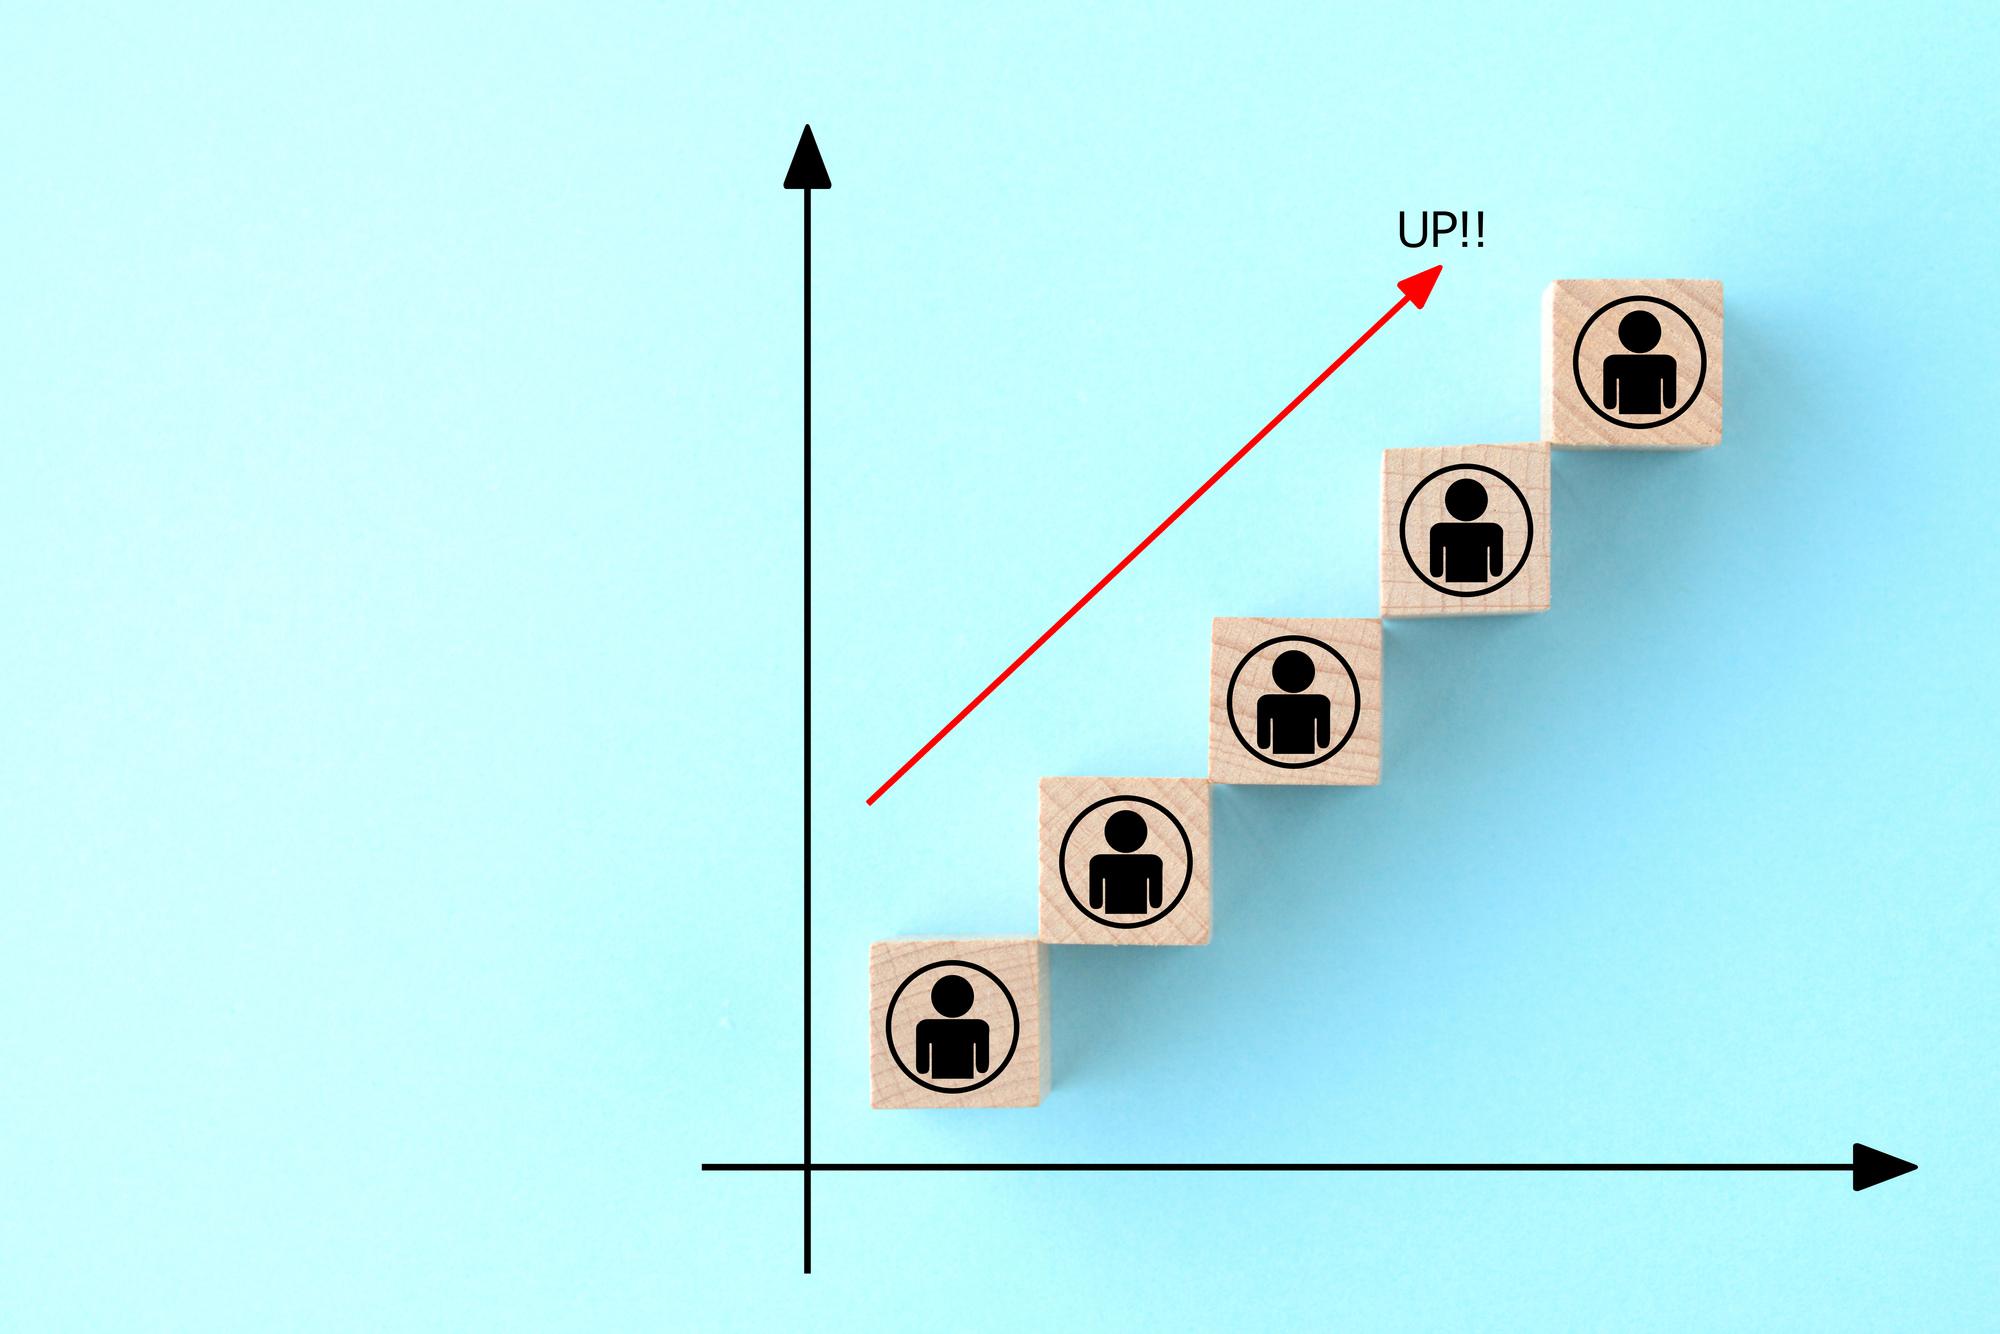 ウェビナーの集客方法とは?主な手法10個を紹介